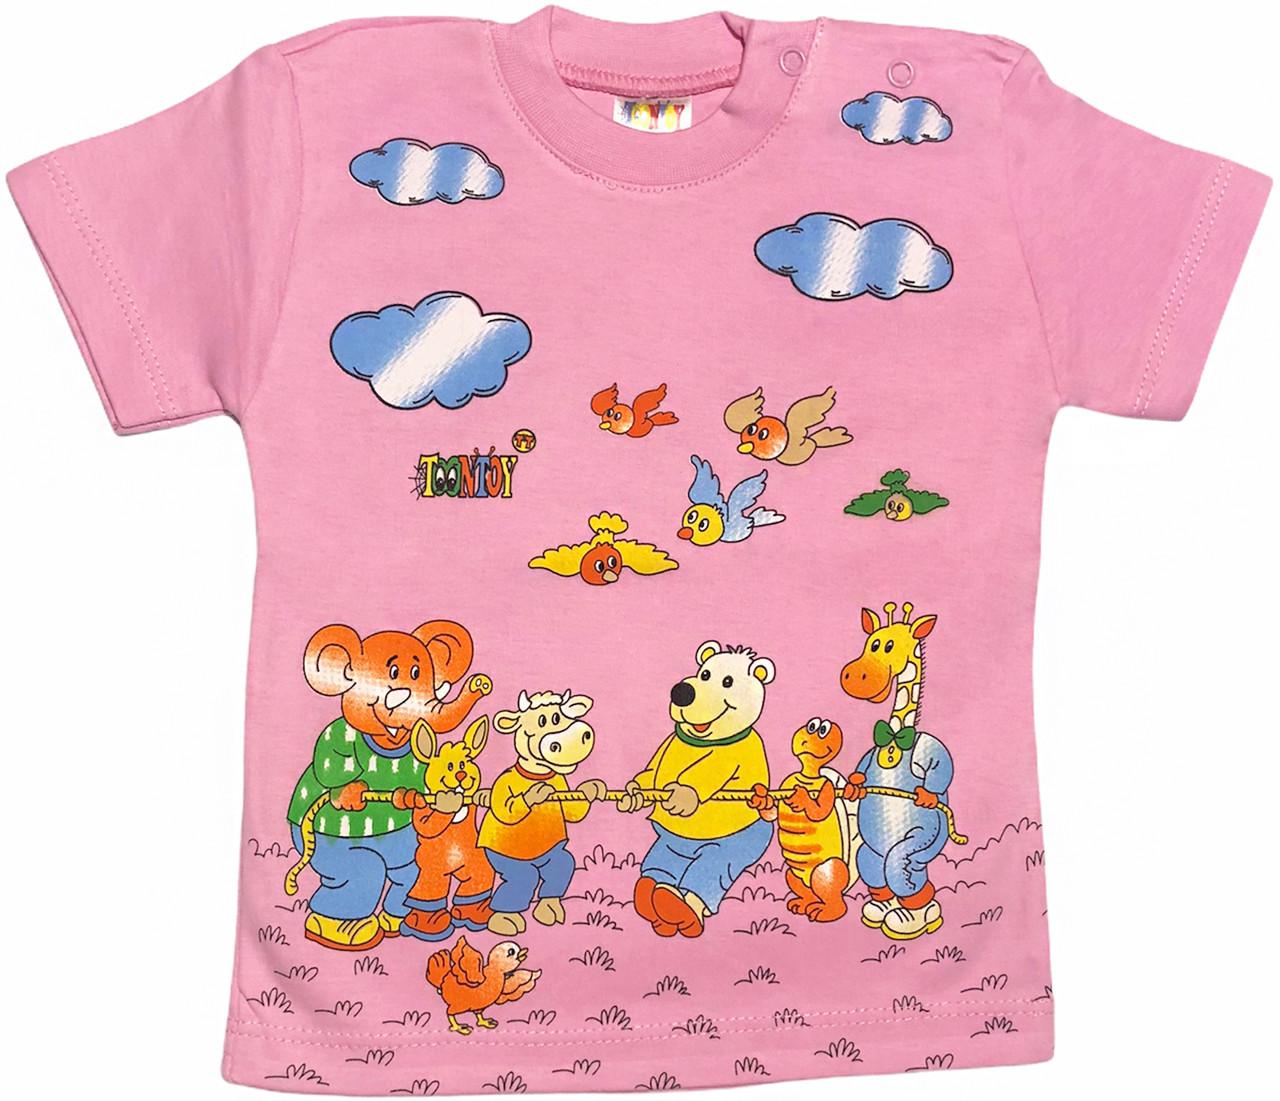 Детская футболка на девочку рост 98 2-3 года для малышей с принтом красивая летняя хлопок трикотажная розовая